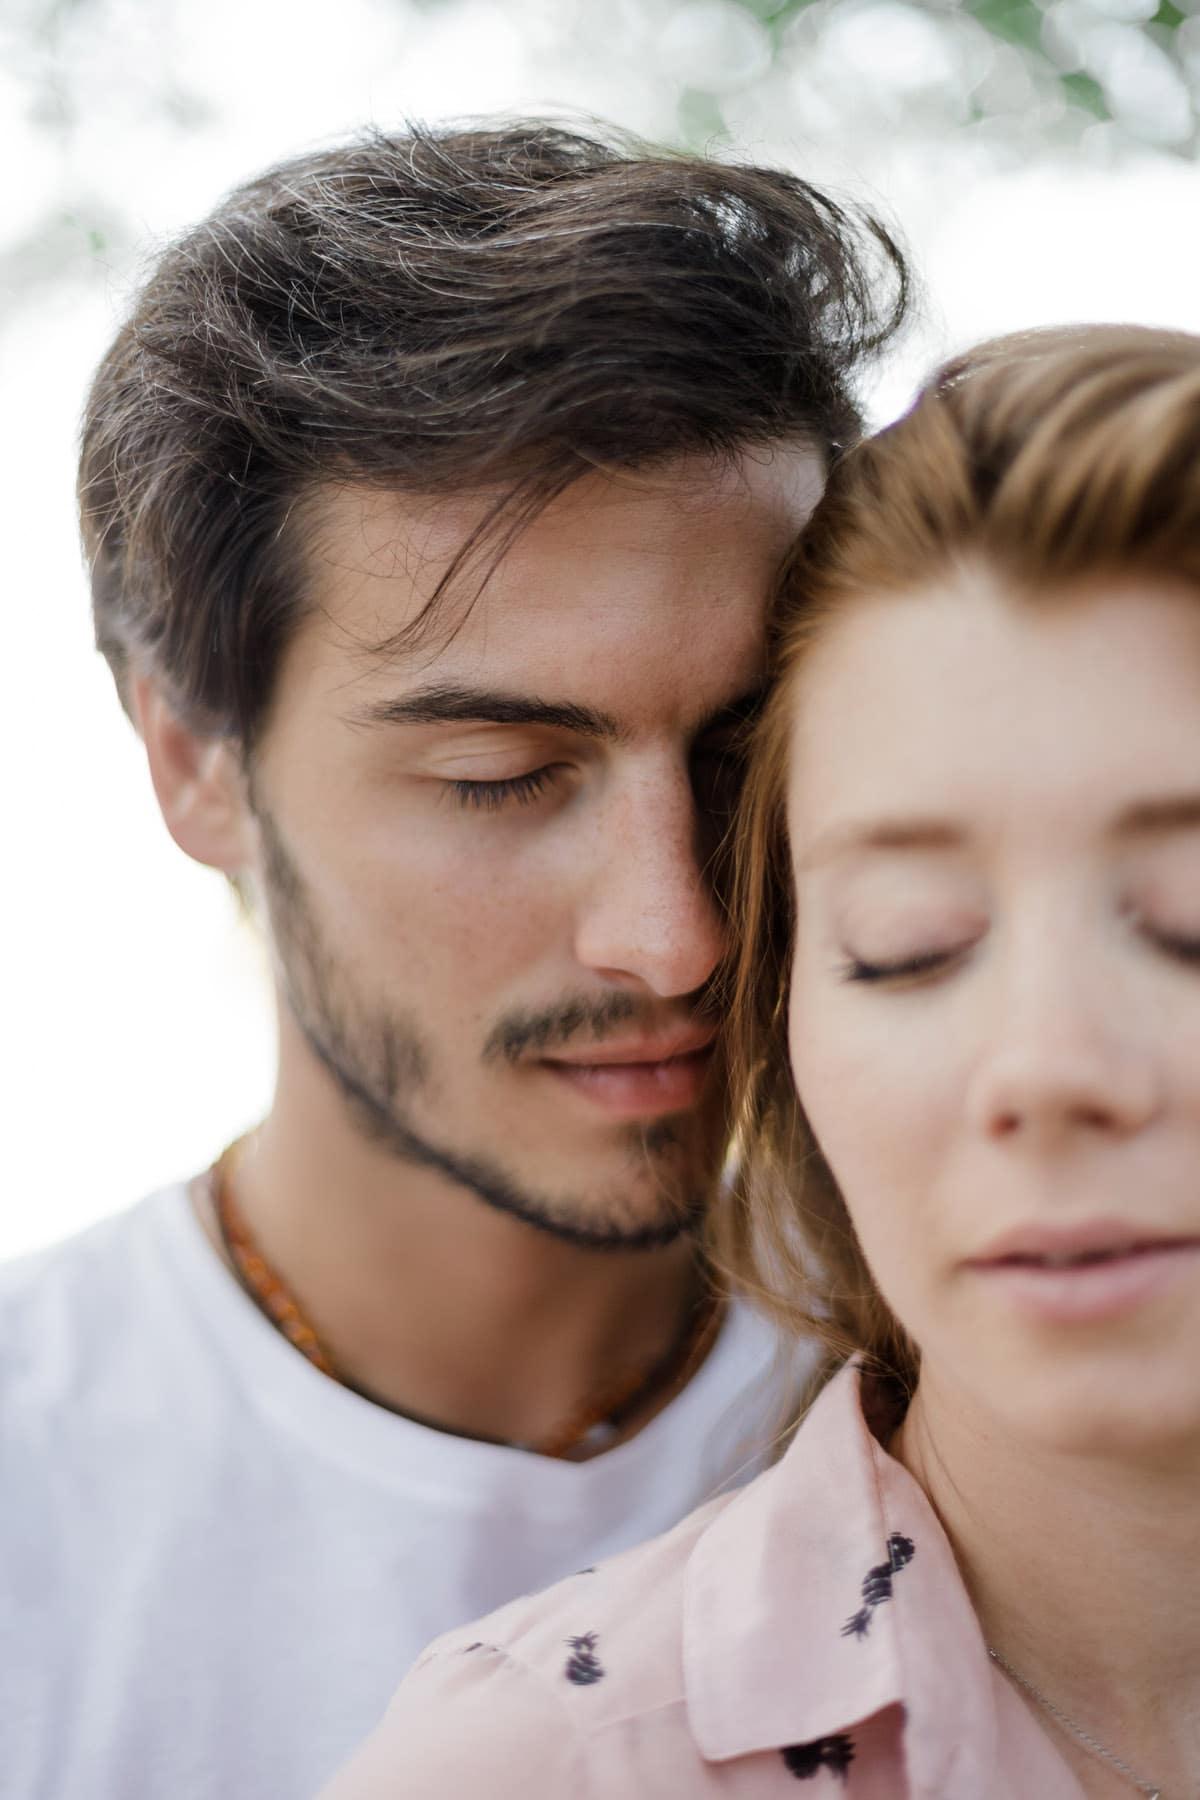 photographe couple mariage engagement love session bordeaux landes lac lifestyle fine art francais sarah miramon tiffany julien 02